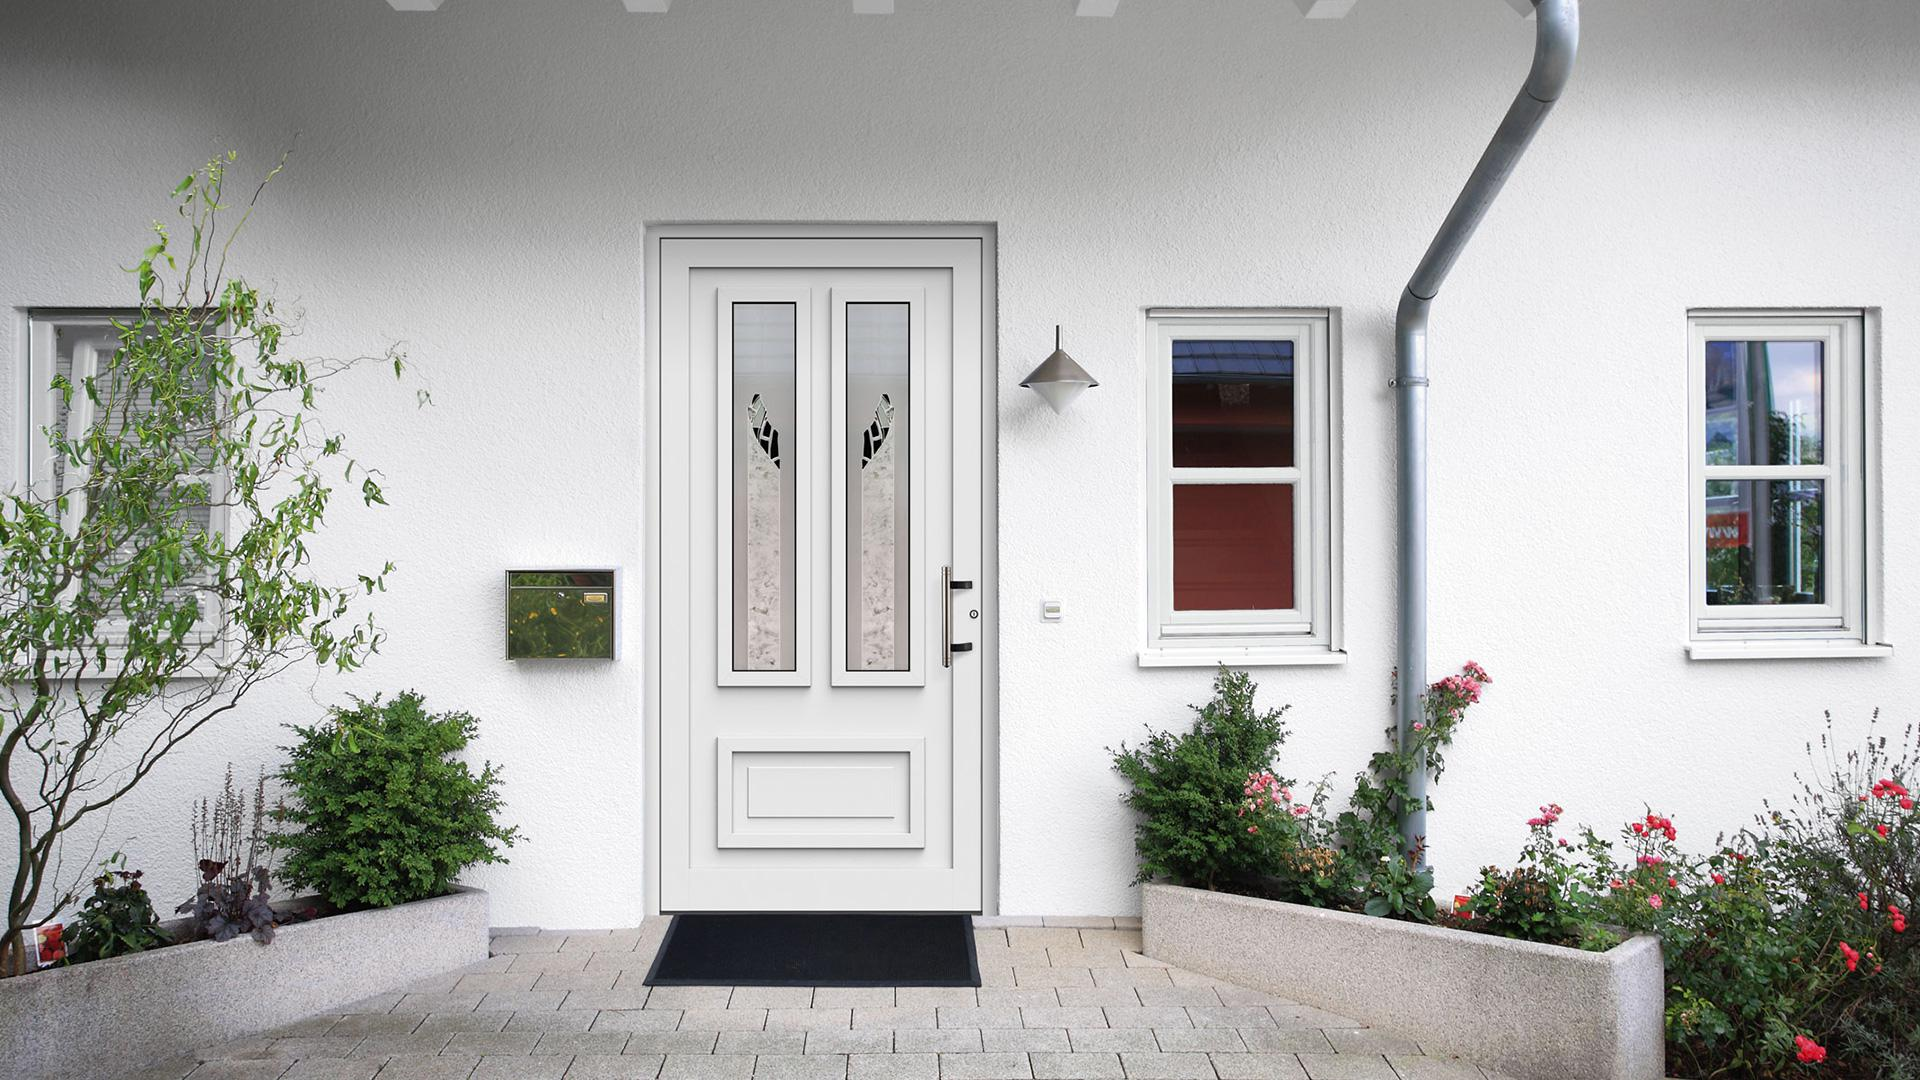 Kompotherm Haustür im Chagall-Design in einer weißen Fassade mit Pflanzen im Eingangsbereich rechts und links